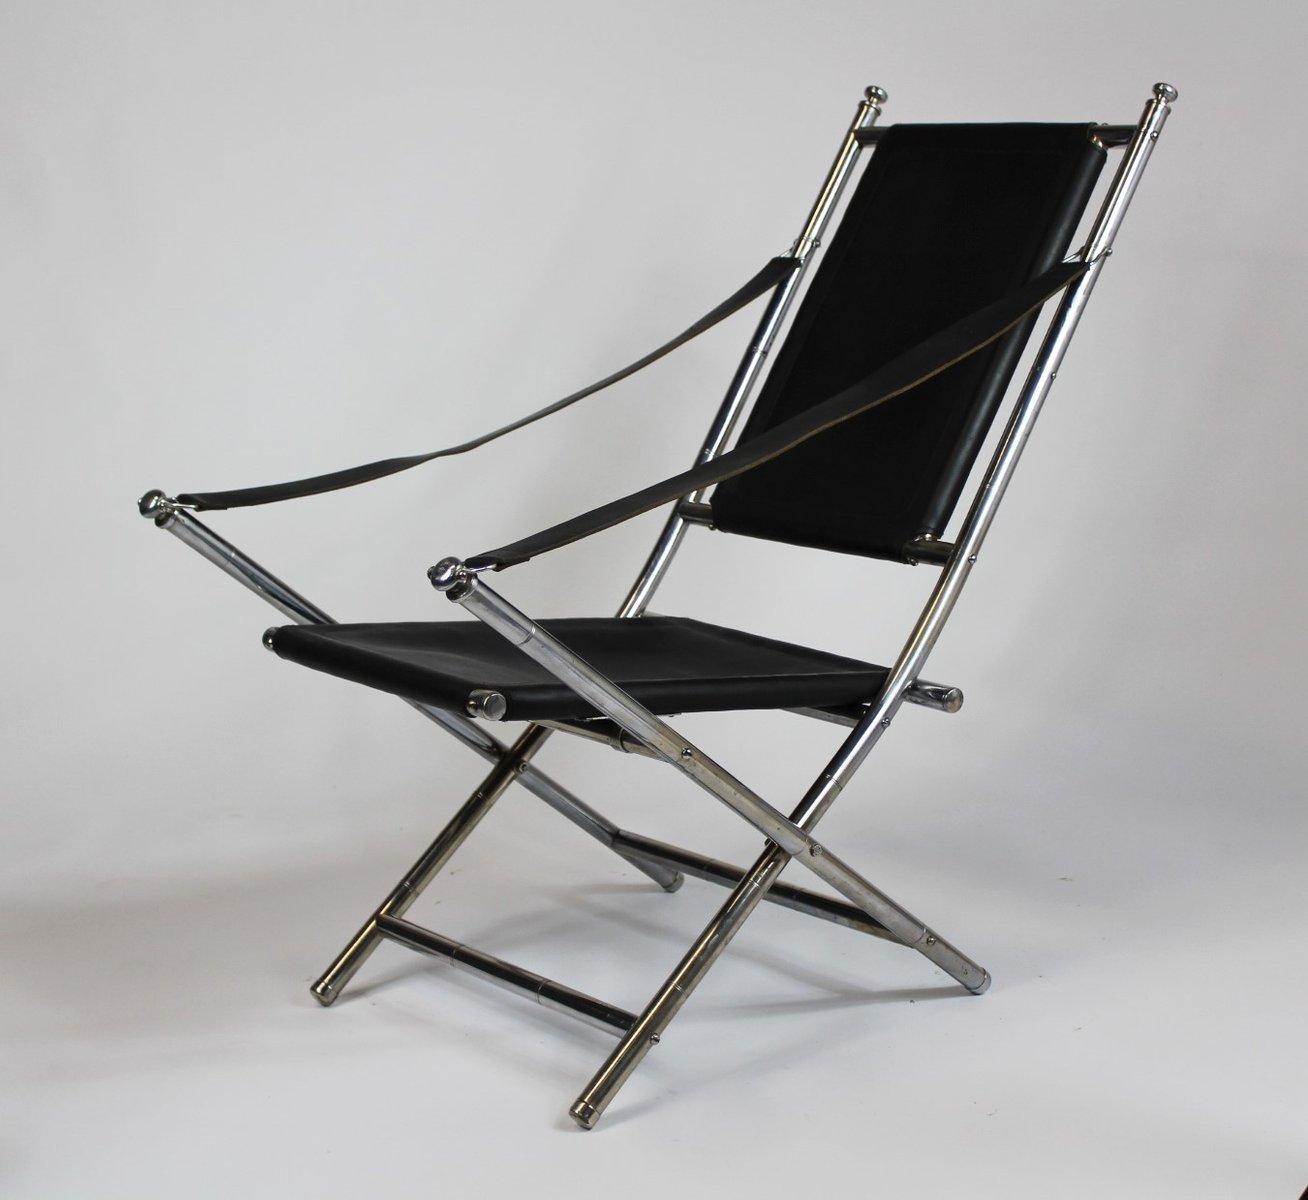 Chaise de campagne en acier cuir 1960s en vente sur pamono - Chaise de campagne ...